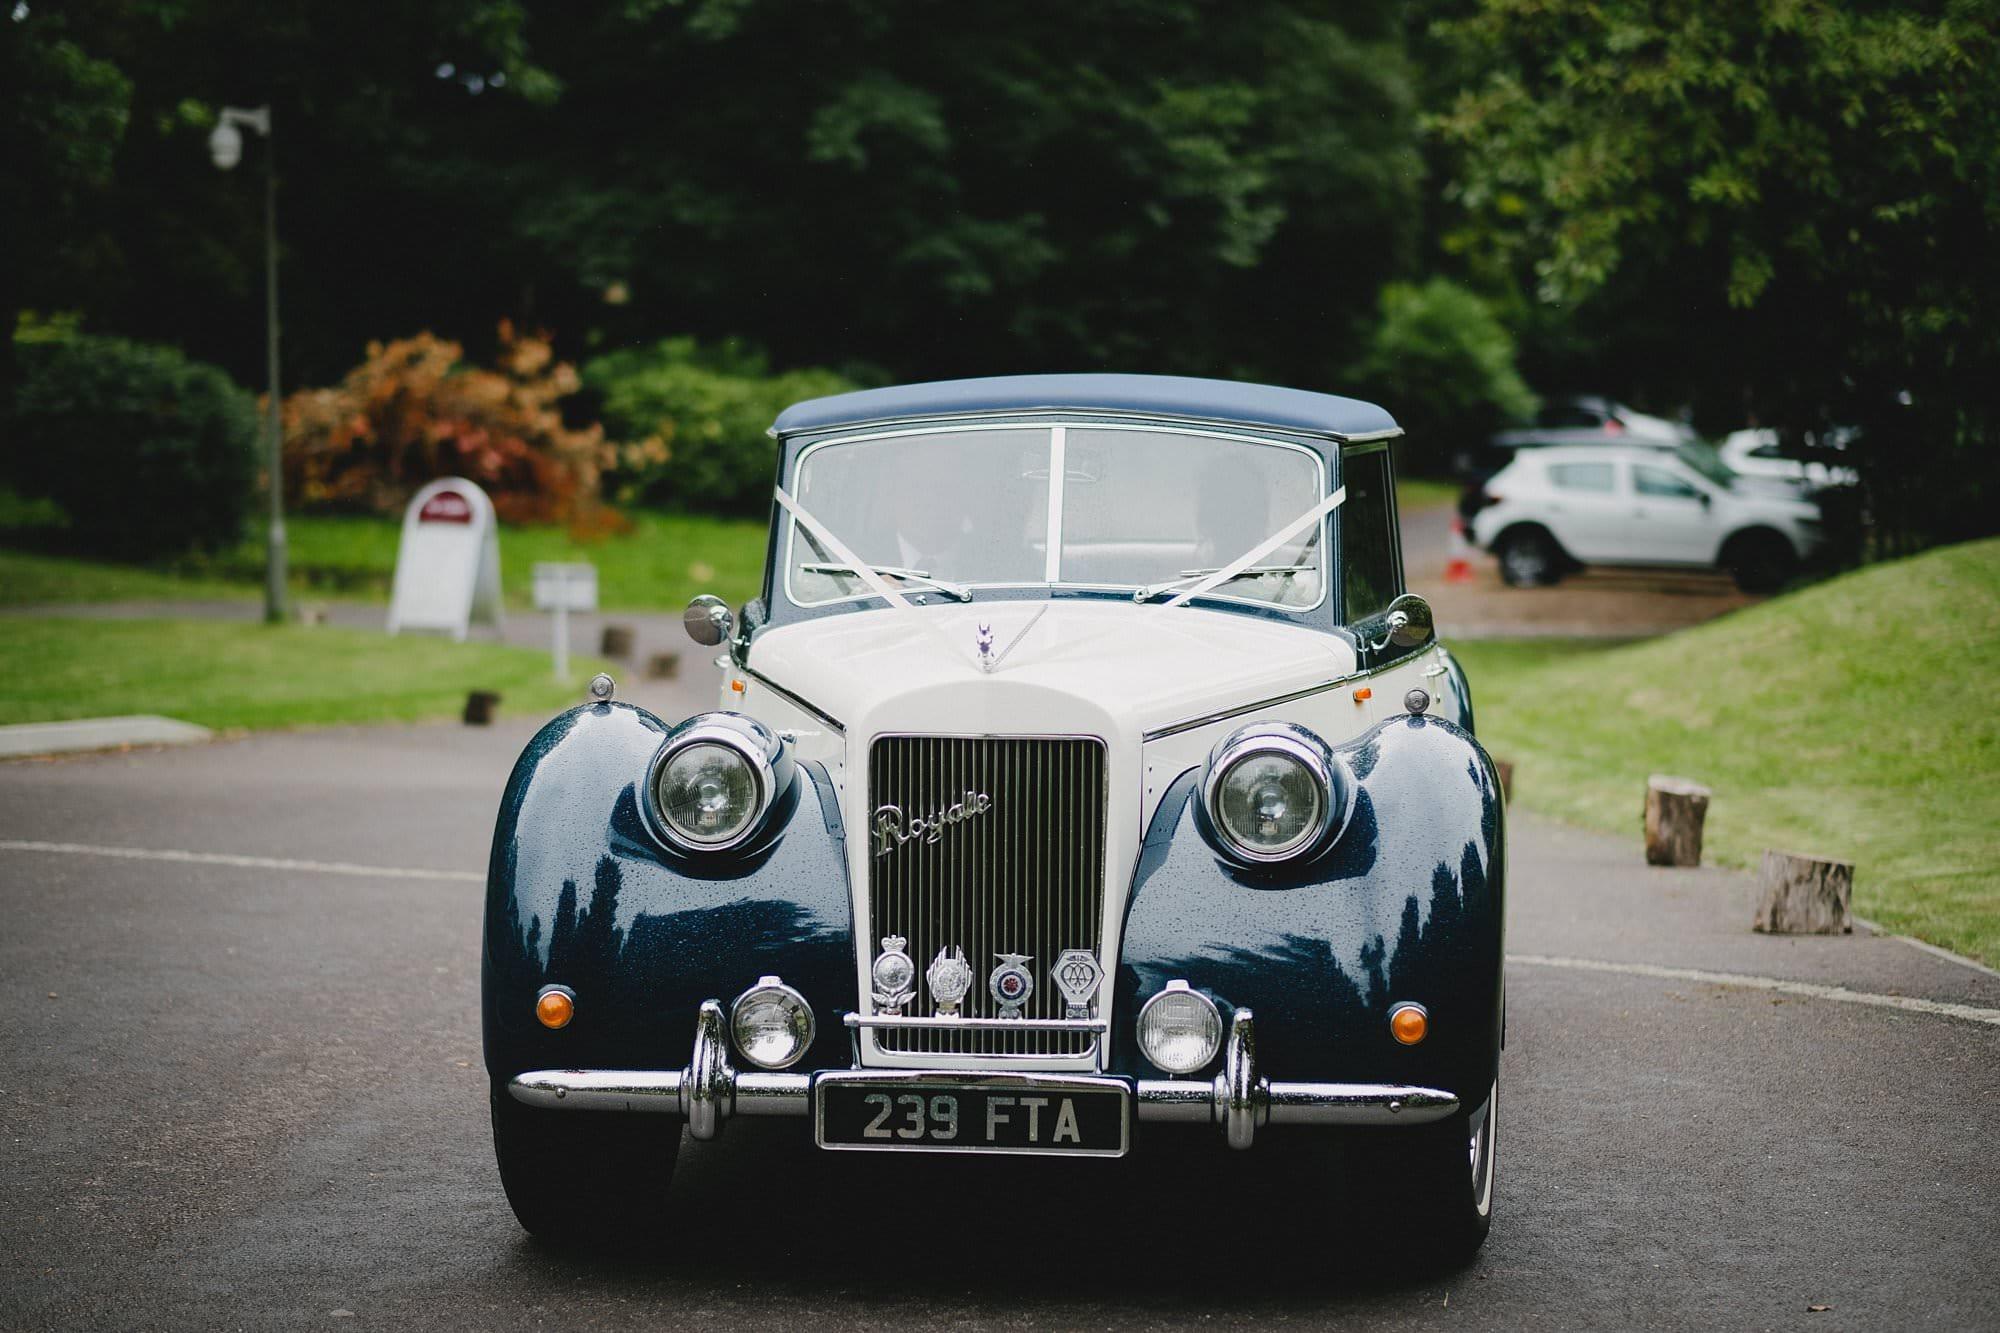 ashtead london wedding photographer 036 - Rachel & Jonny's Ashtead Wedding